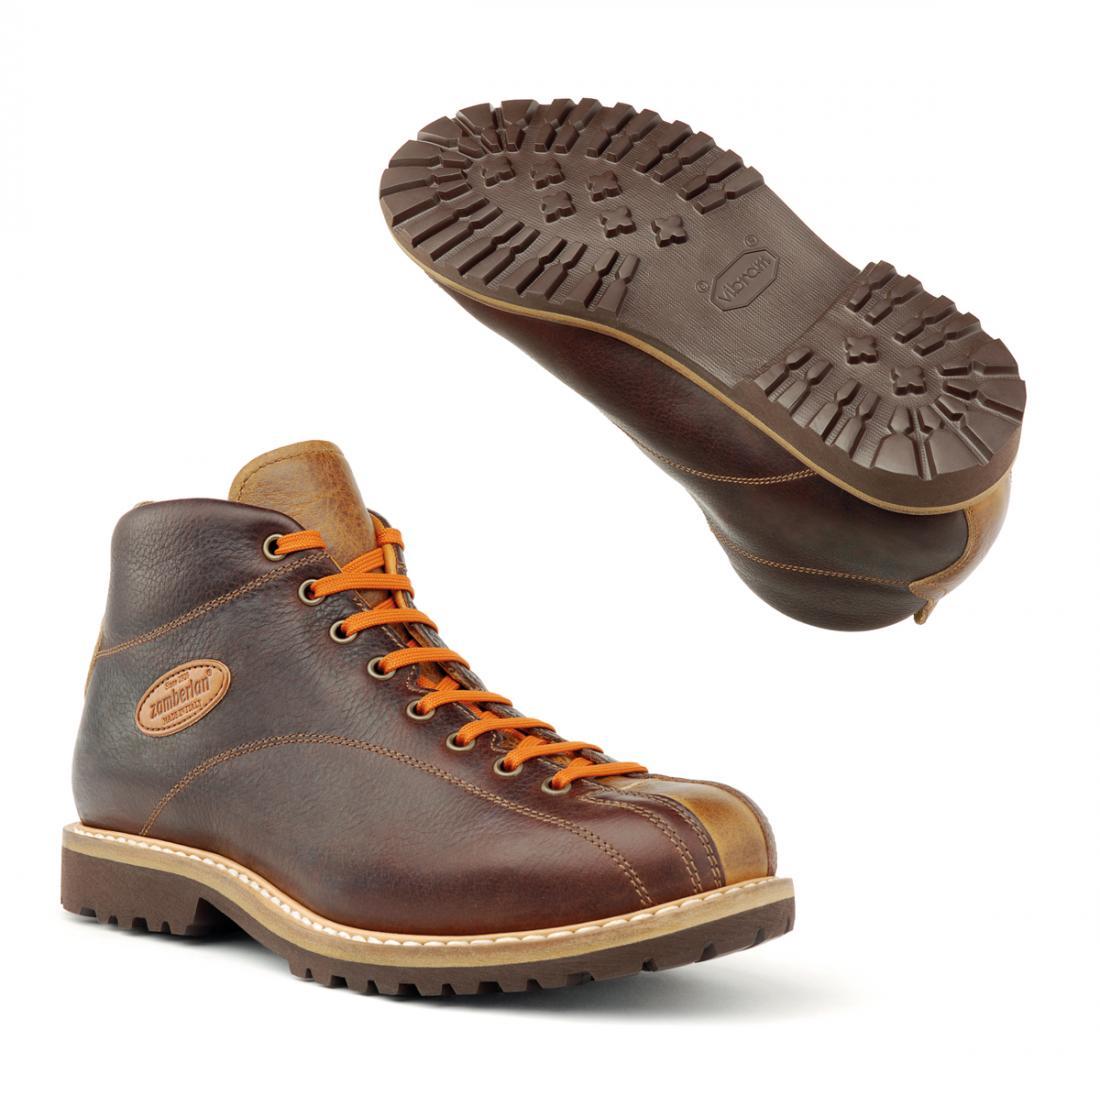 Ботинки 1121 CORTINA MID GWБотинки<br>Современные классические ботинки в городском стиле, созданные вручную мастерами Италии с применением специального метода конструкции Go...<br><br>Цвет: None<br>Размер: None